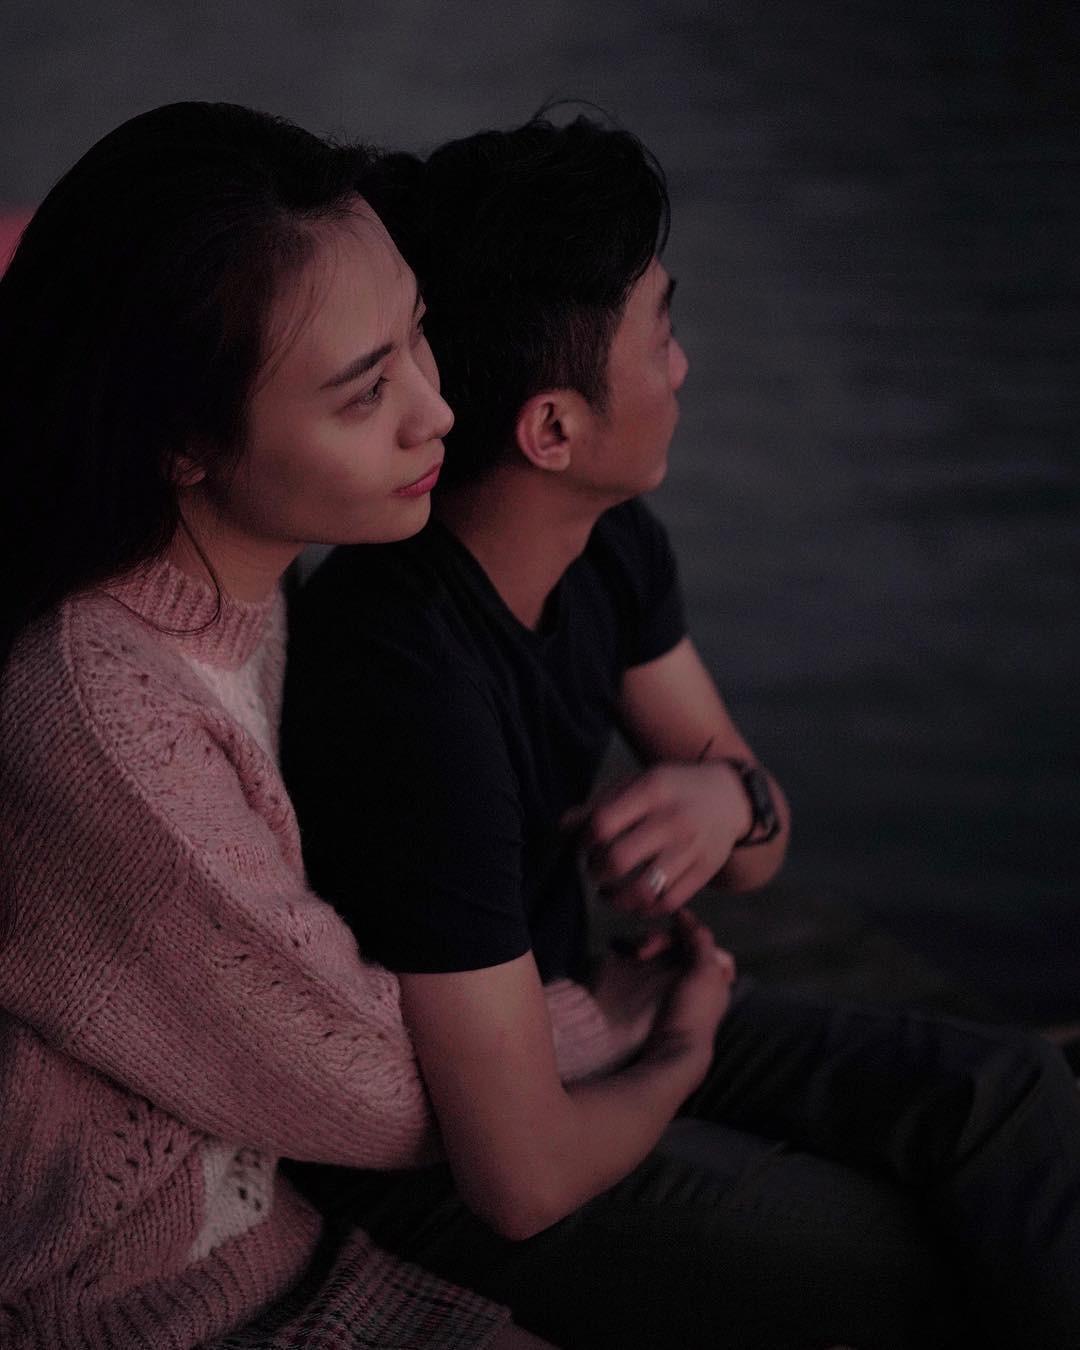 Vợ chồng Cường Đô La - Đàm Thu Trang khởi công xây nhà đúng ngày tình nhân, chuẩn bị sẵn sàng cho đám cưới - Ảnh 2.